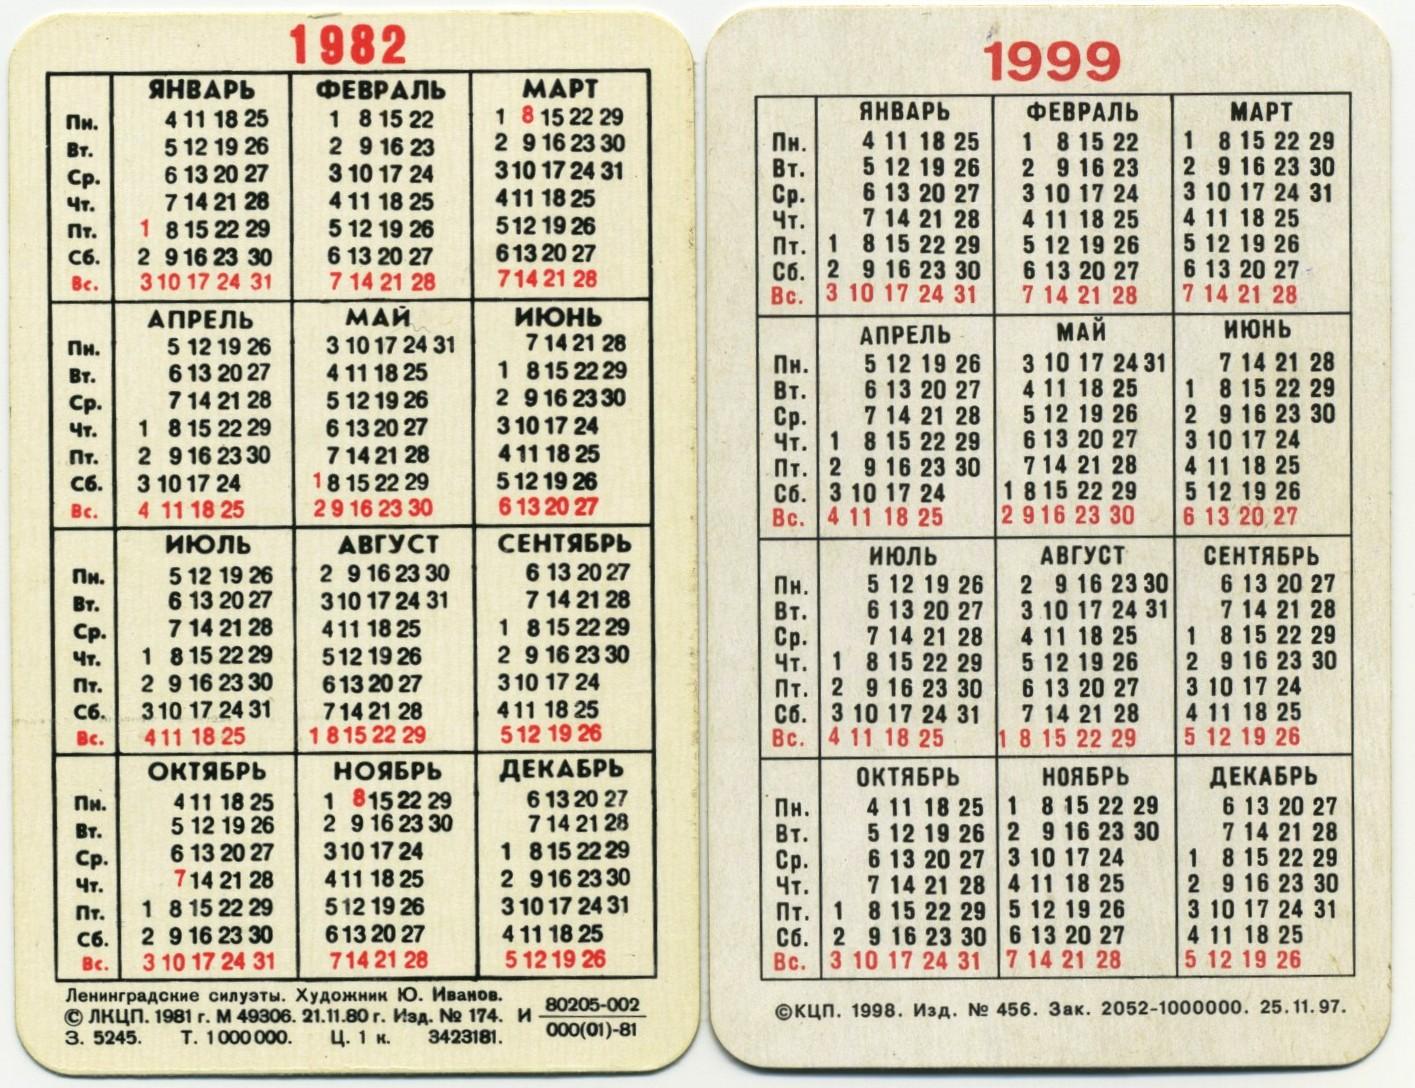 Календари технониколь 2015